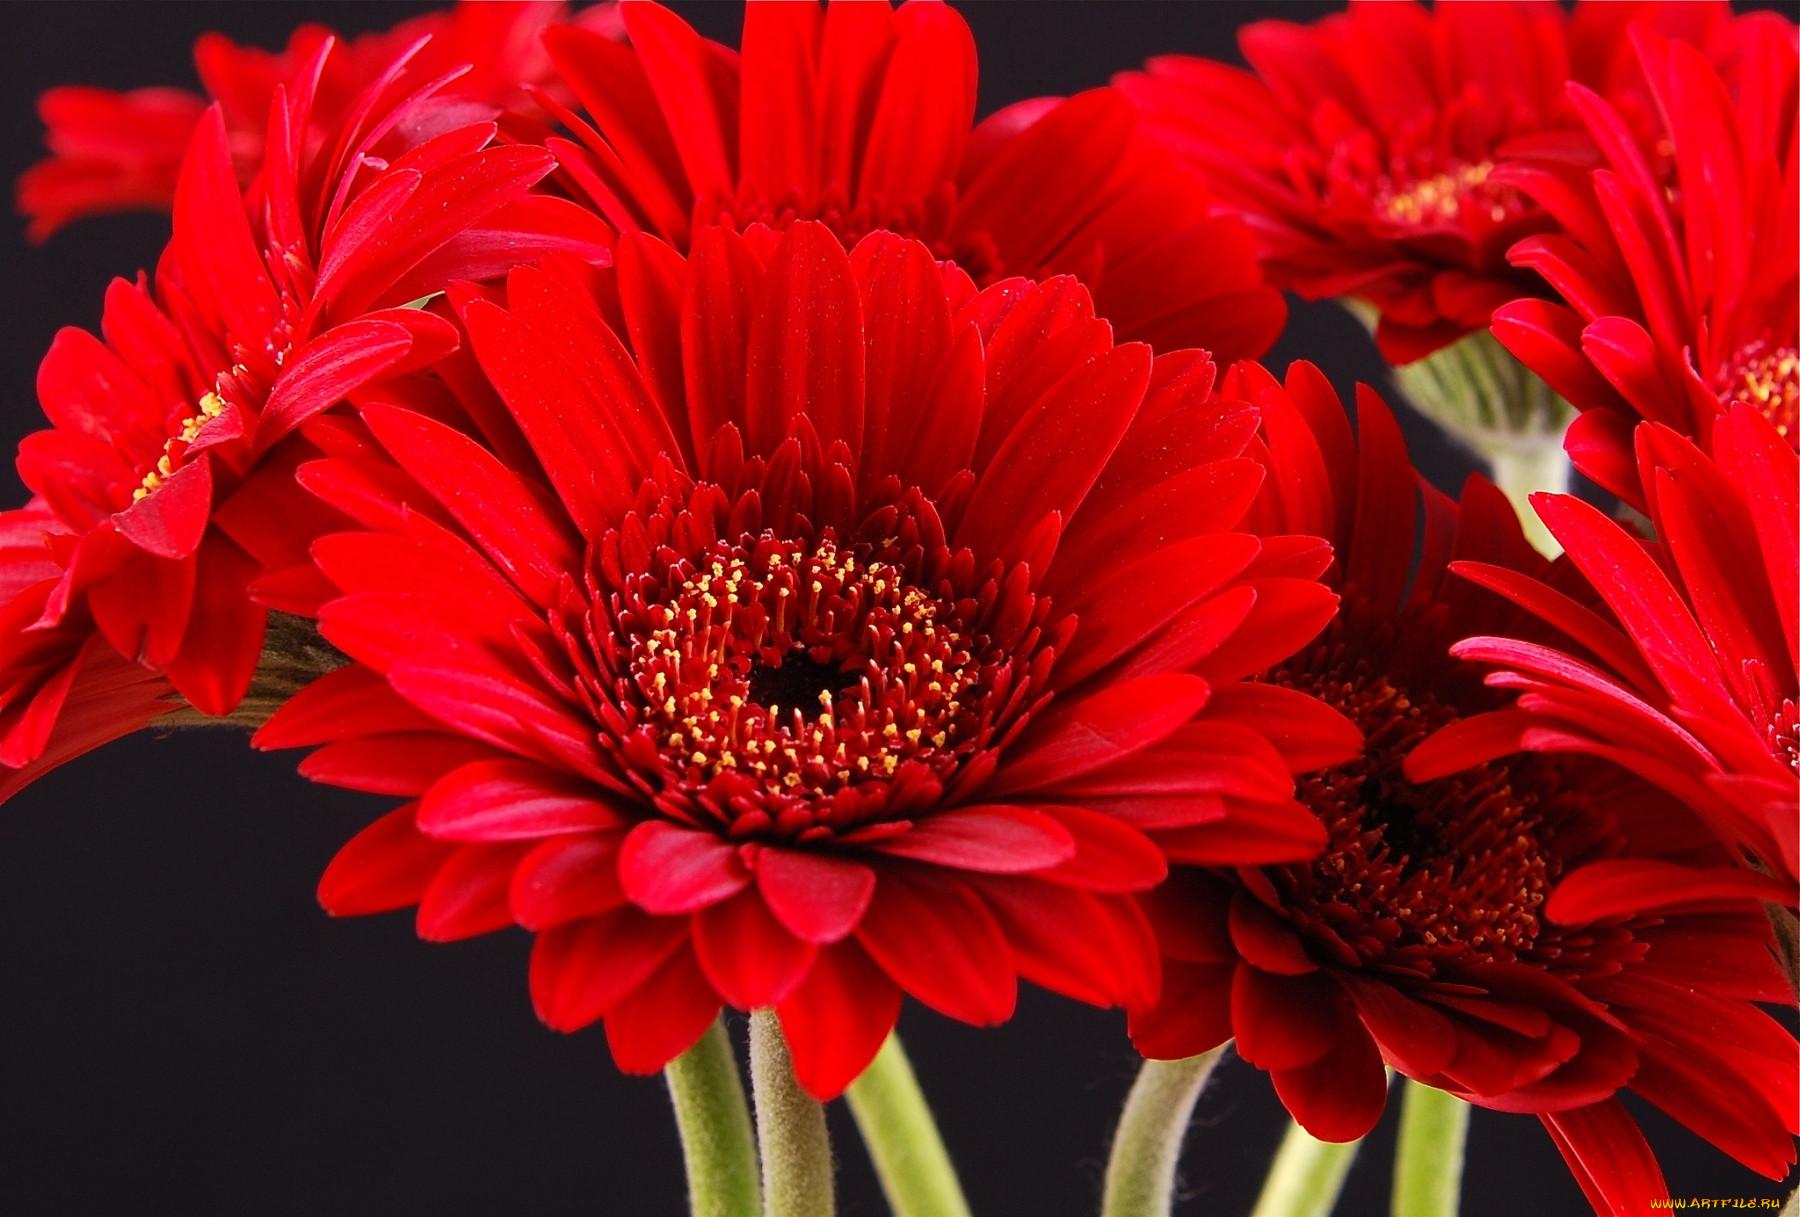 этот день фото красный цветок на черном фоне иногда